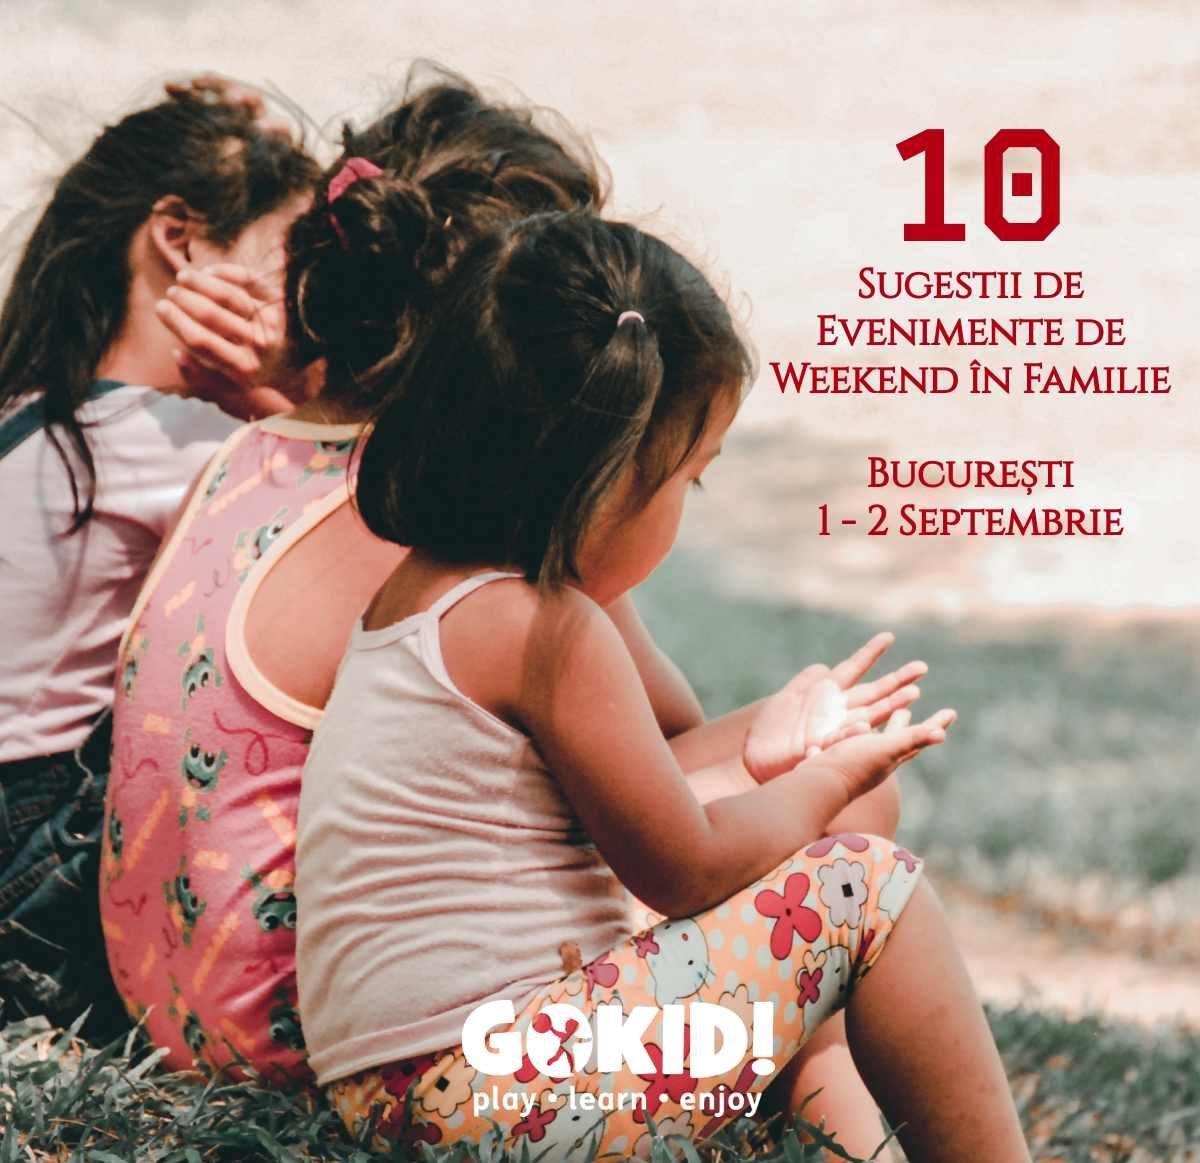 10 Sugestii de Evenimente de Weekend in Familie | Bucuresti, 1-2 Septembrie